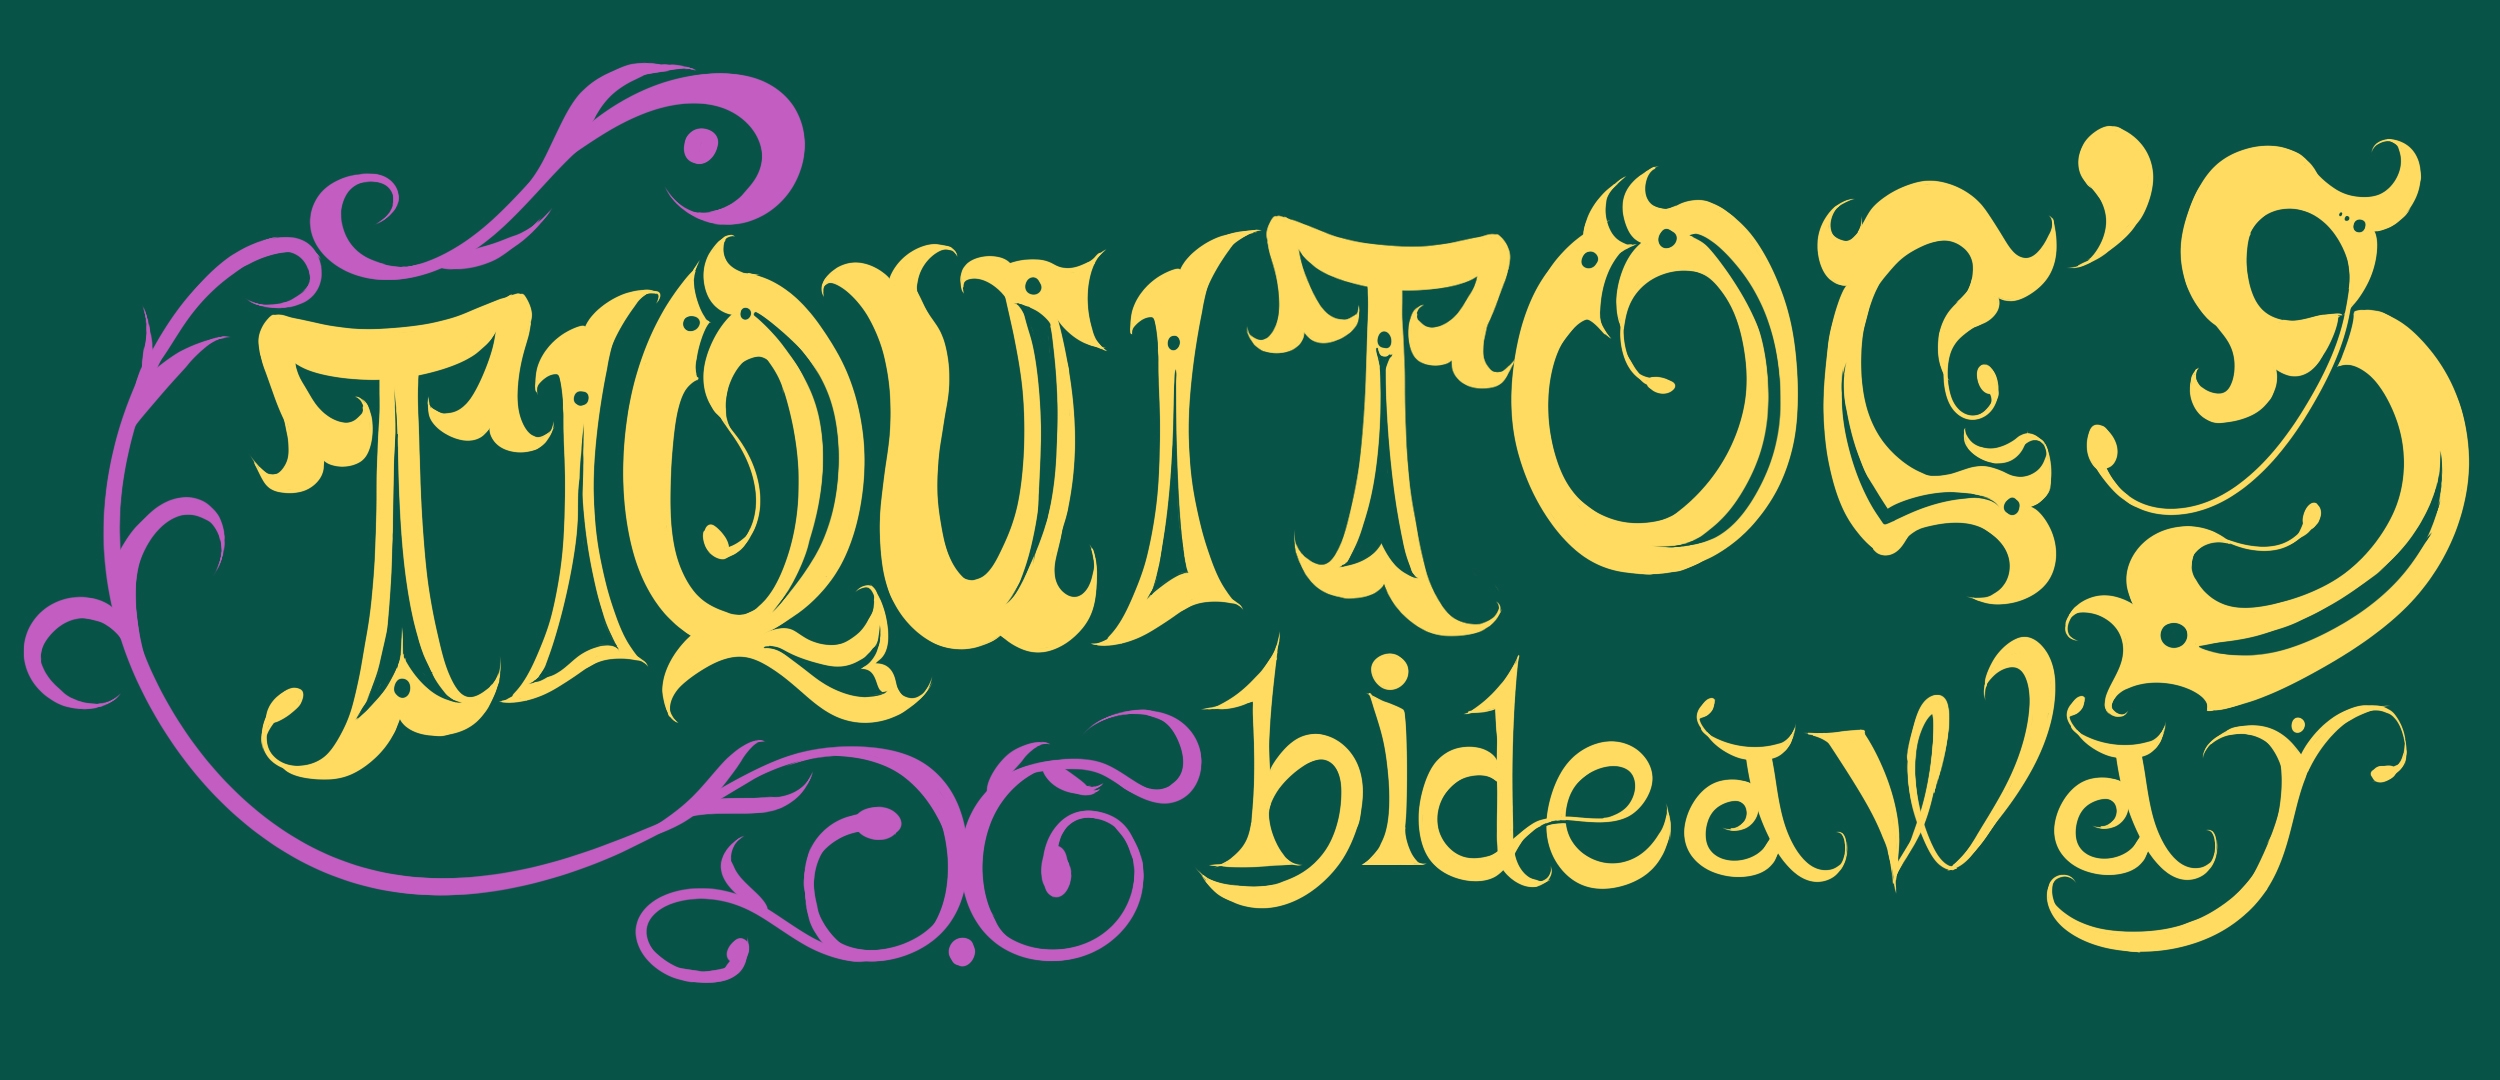 Tiquitoc Art (@tiquitoc) Cover Image